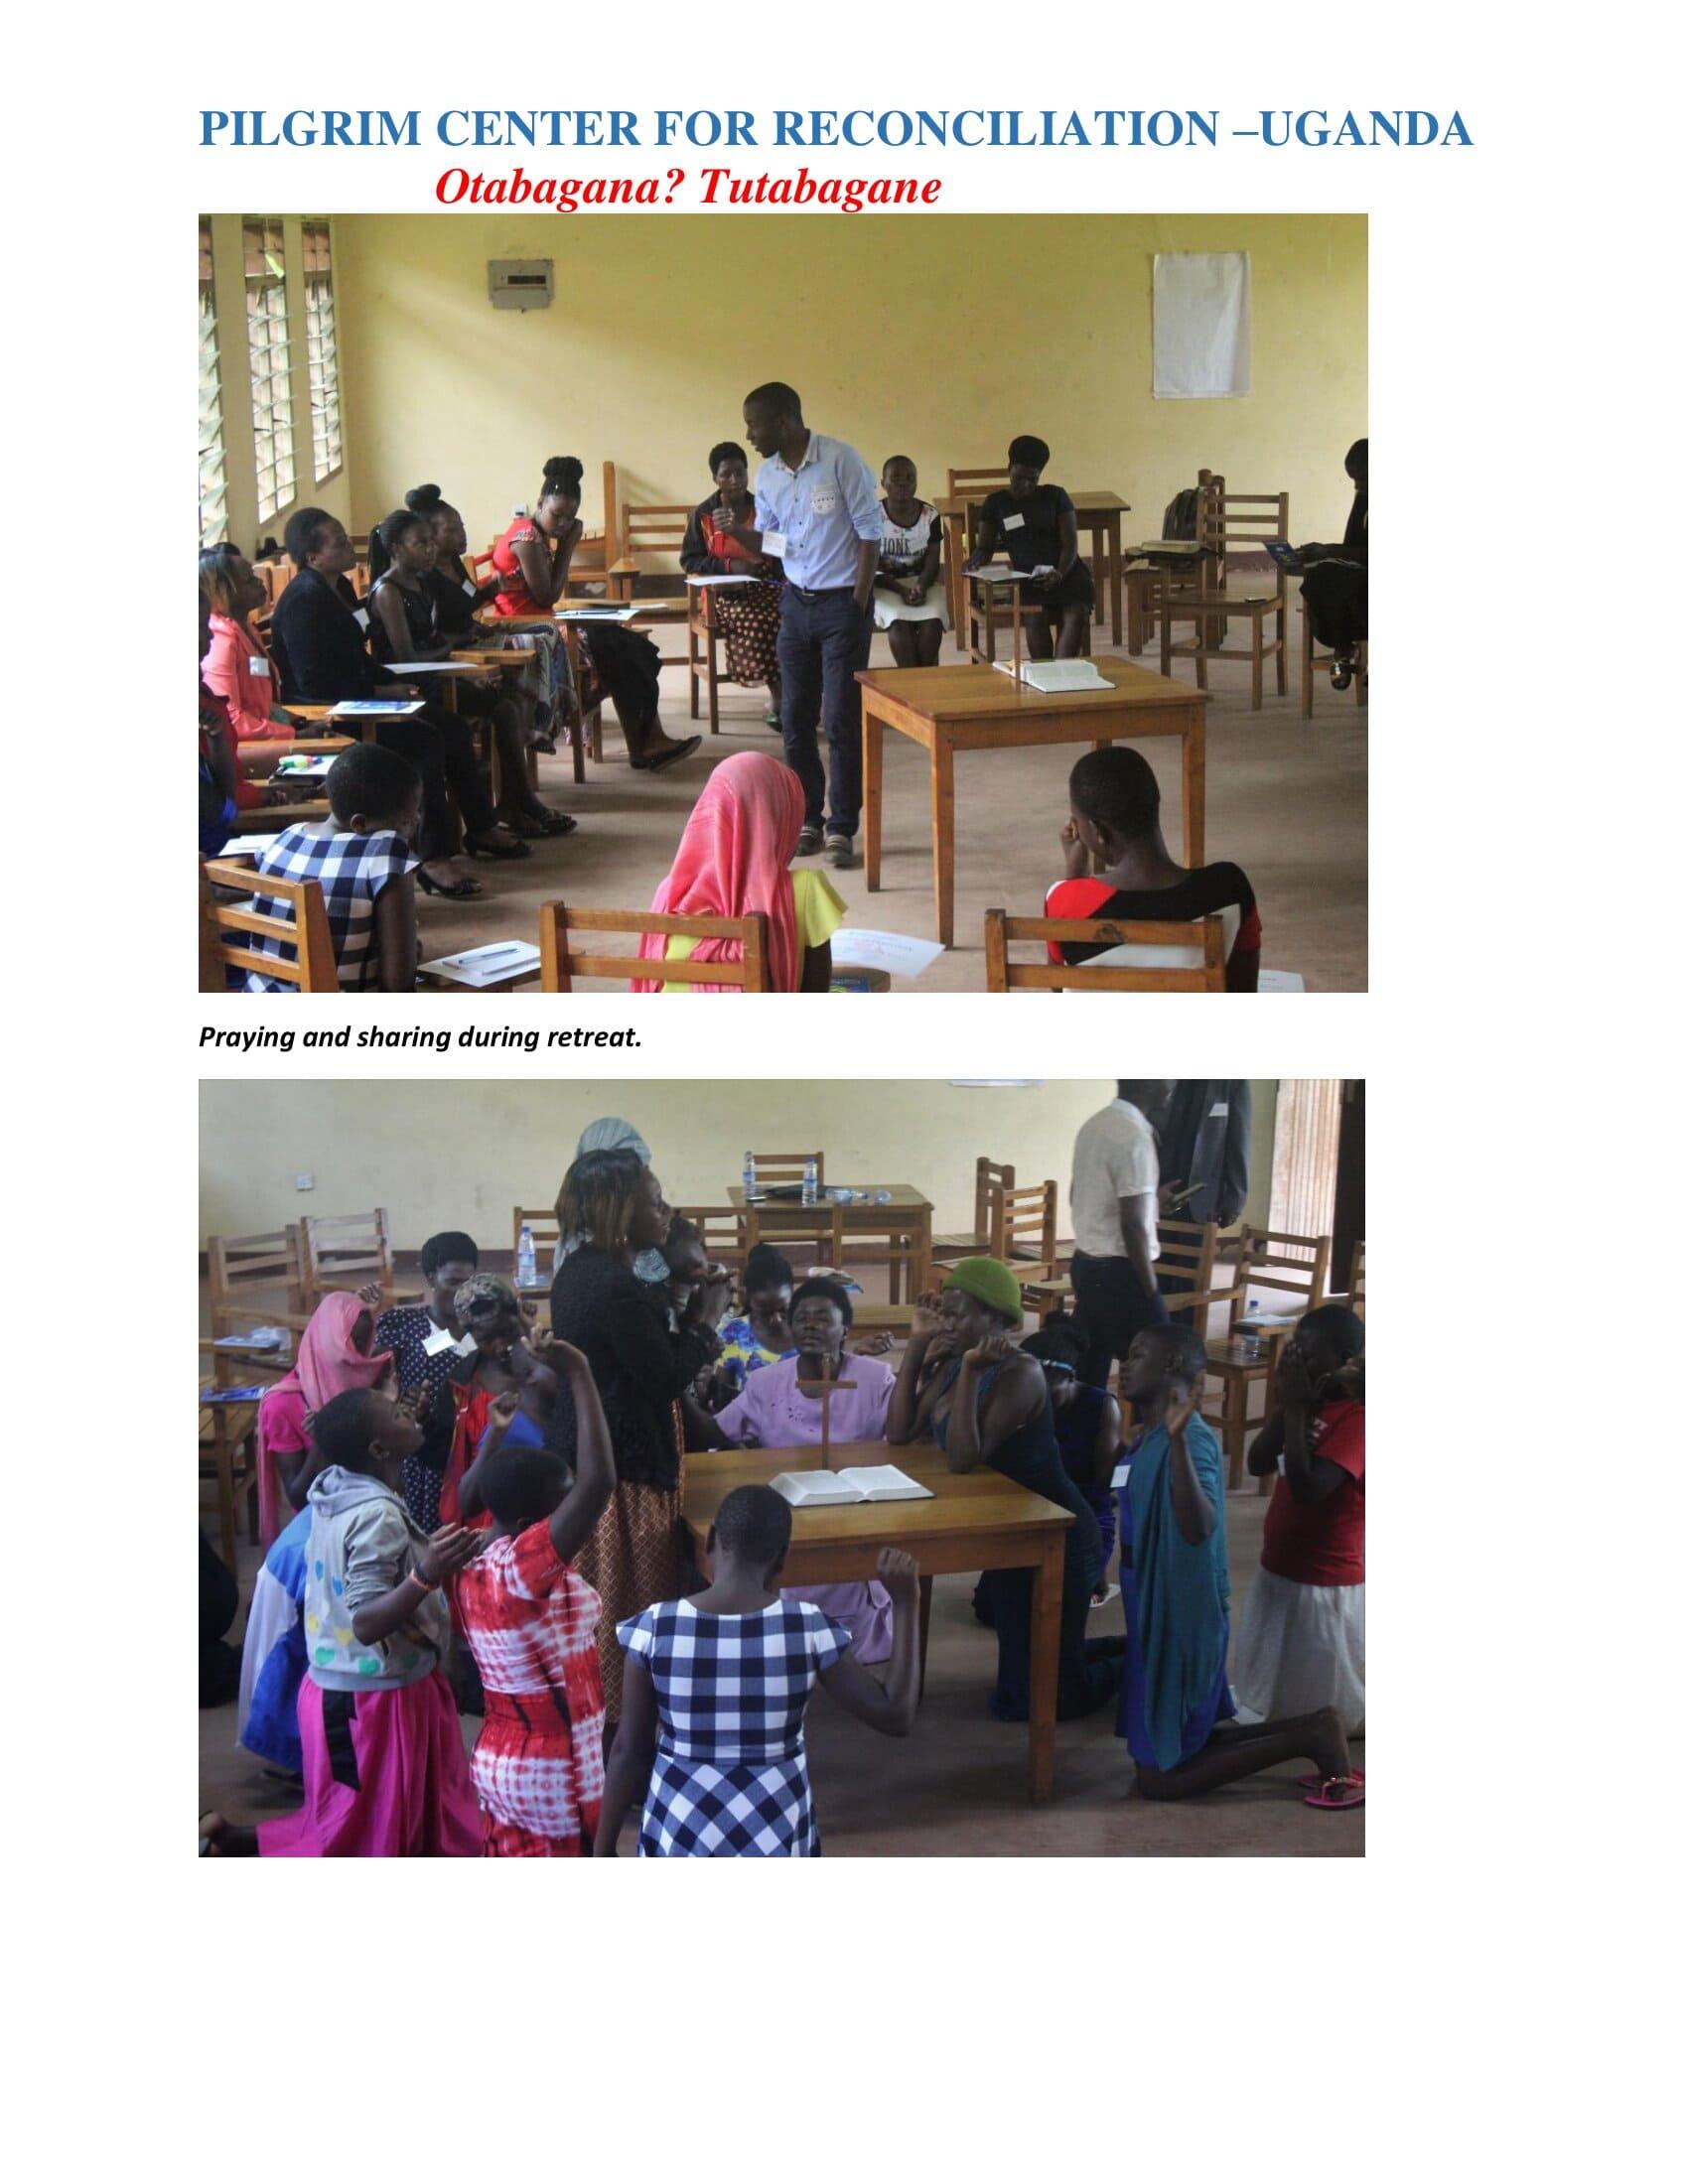 Pirigrim center for reconcilation -Uganda _0014-min